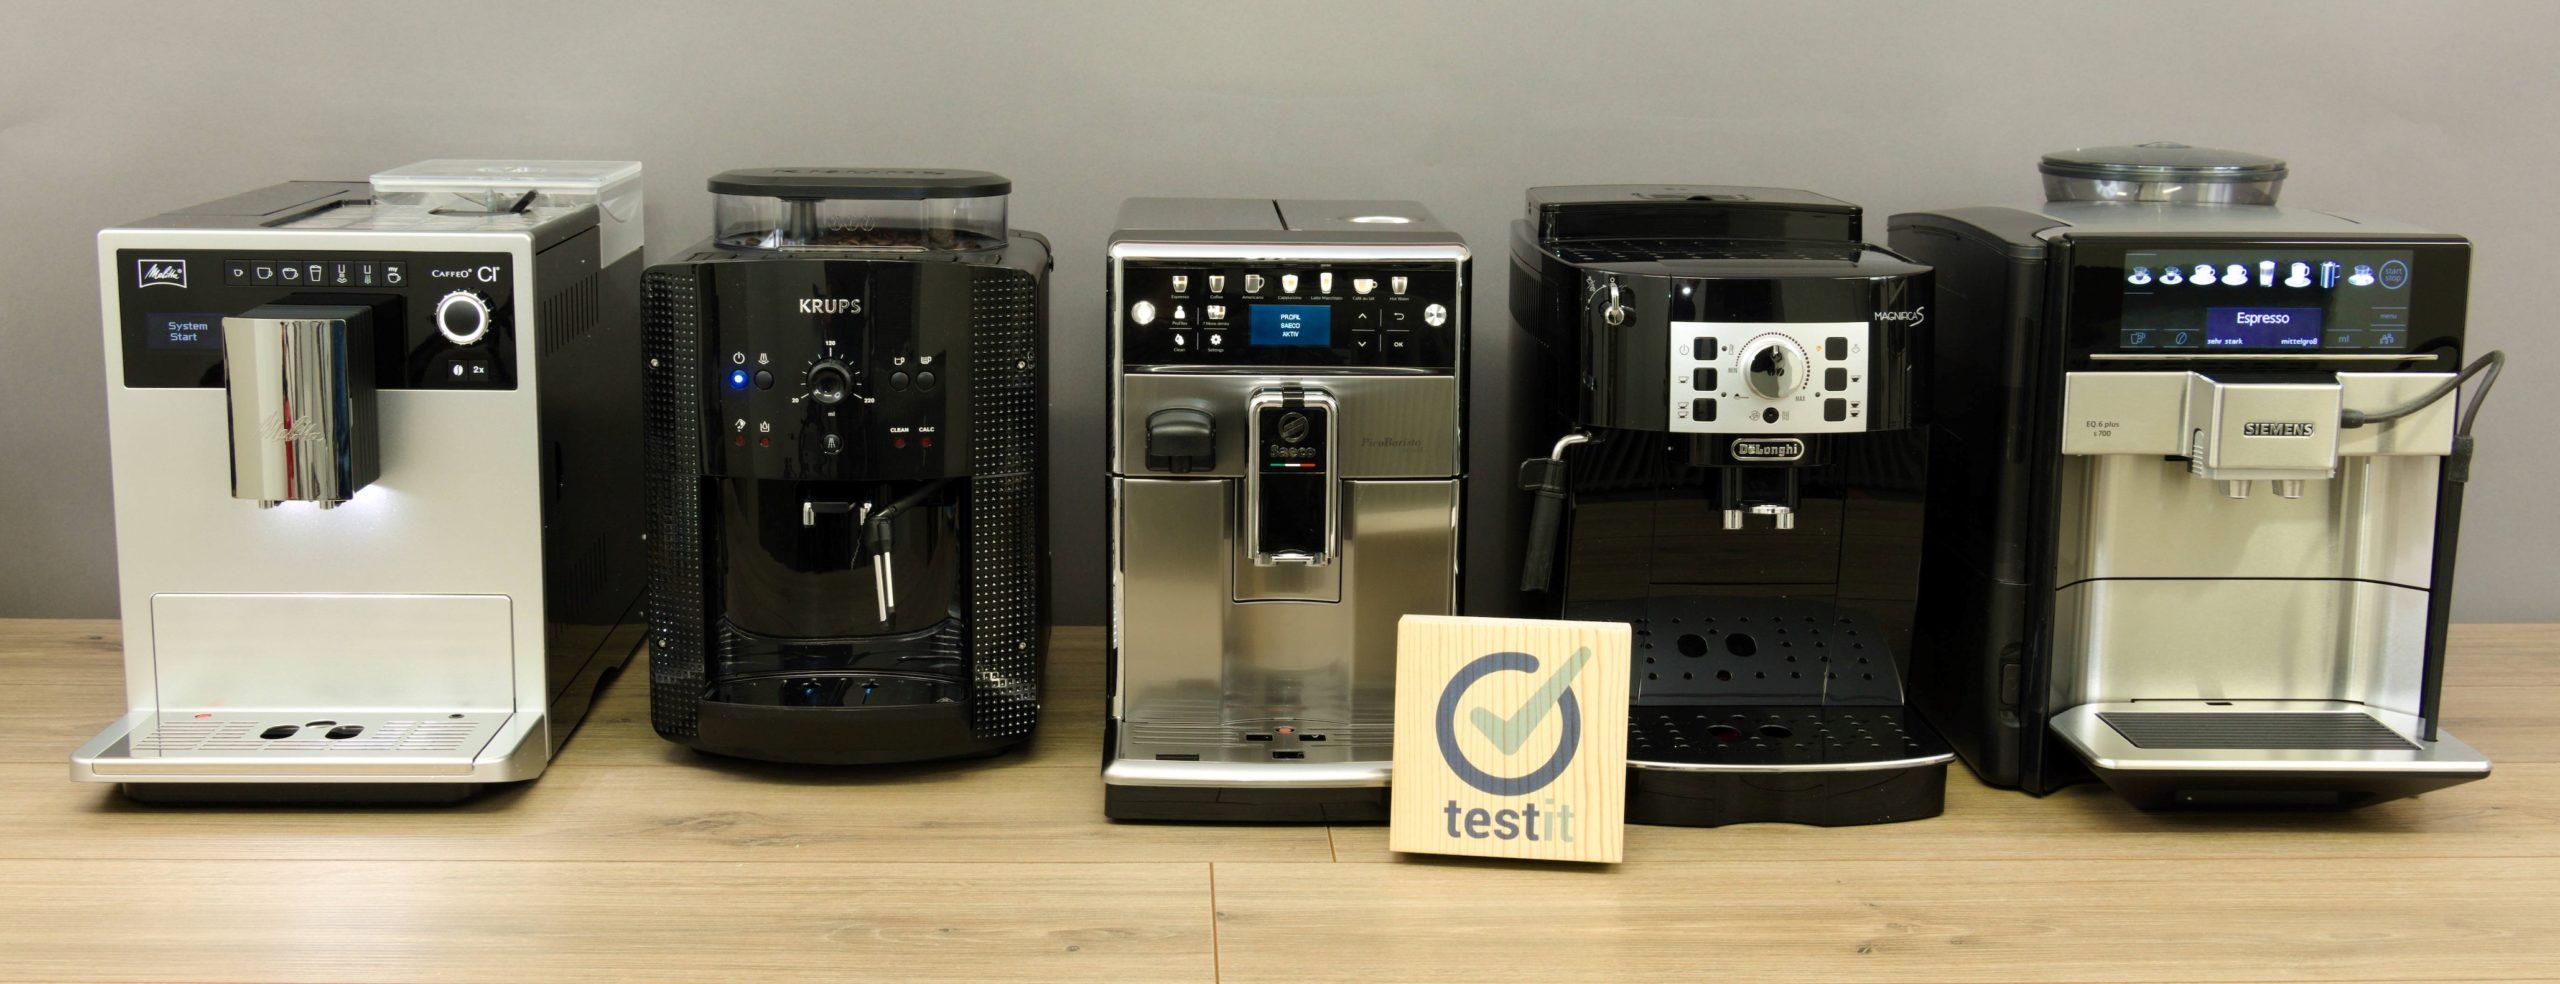 Alle getesteten Kaffeevollautomaten in einer Reihe